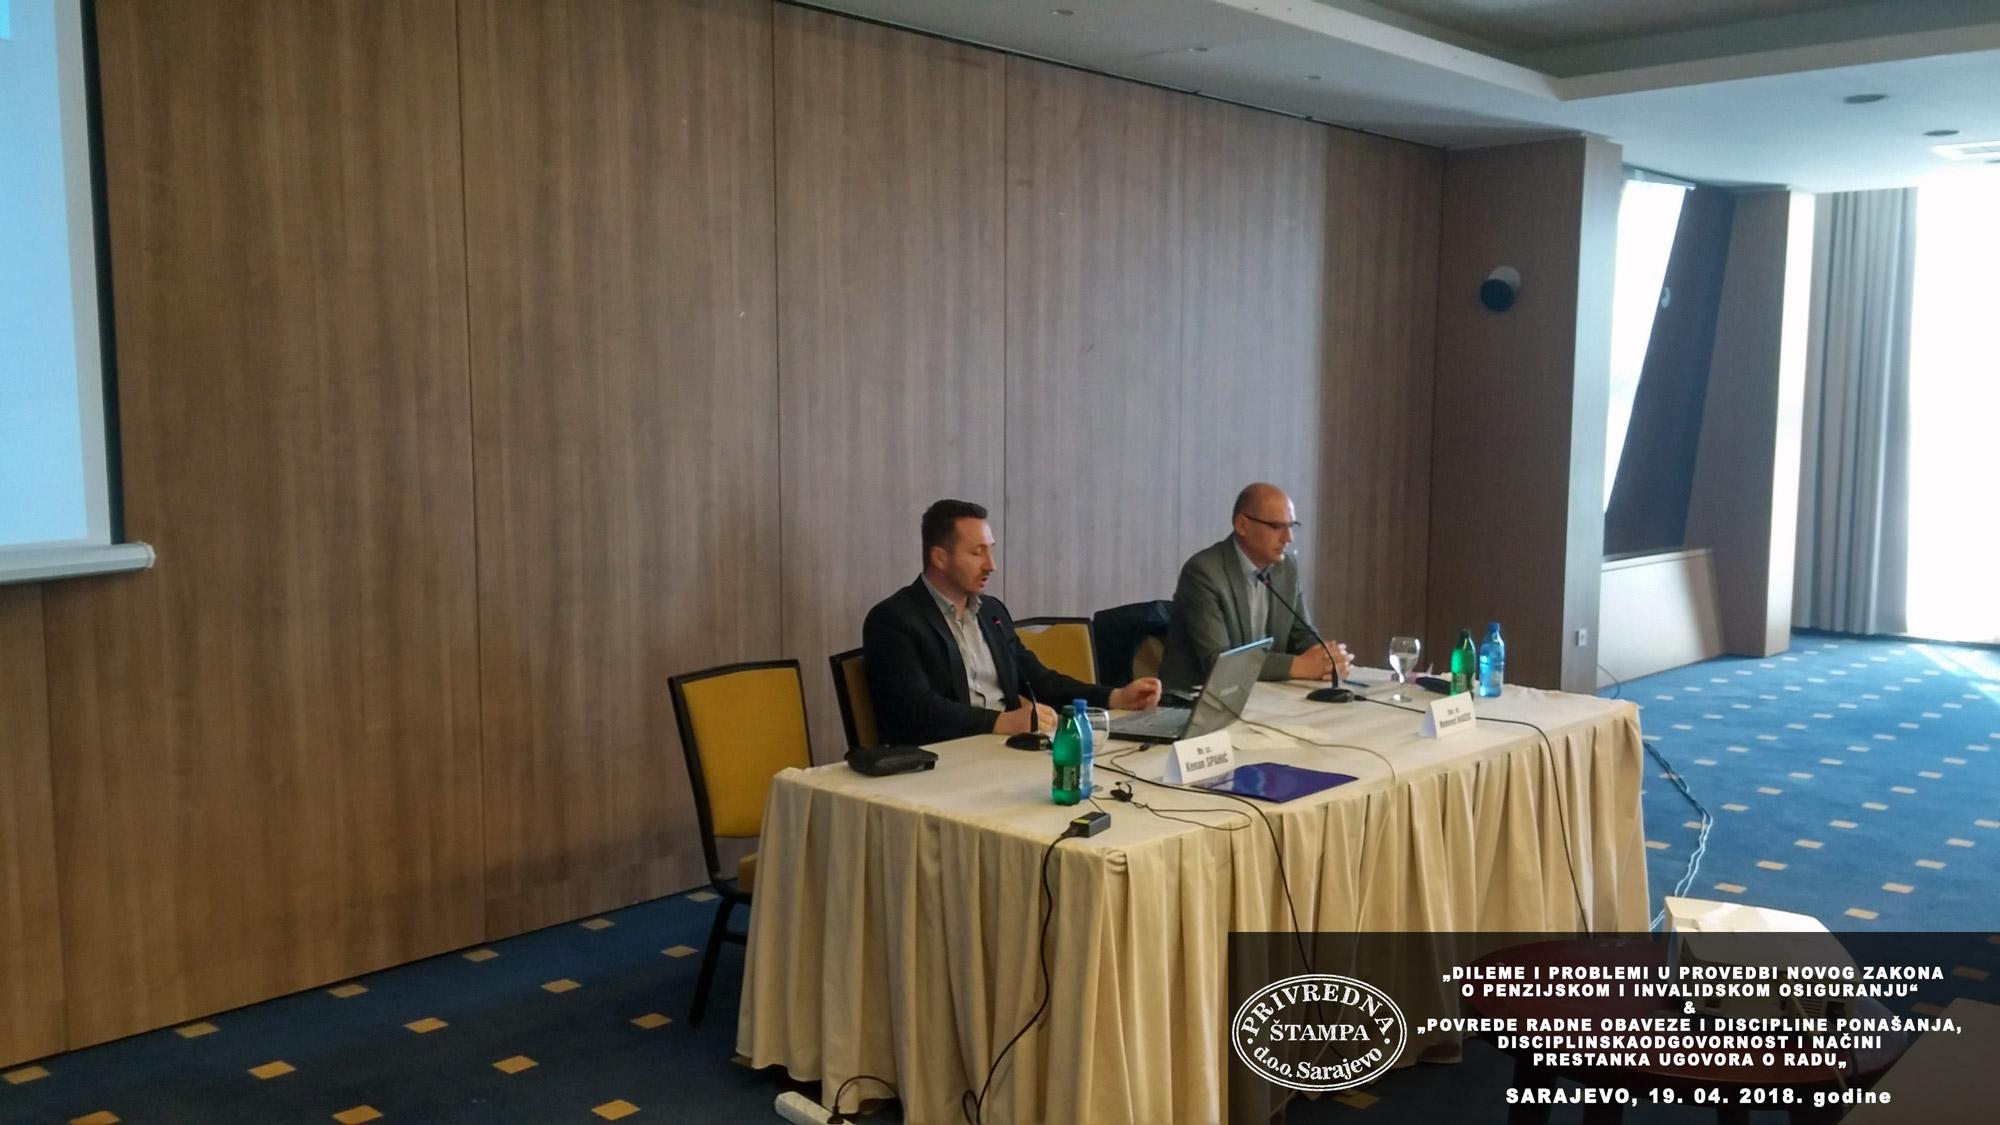 Seminar-19.04.18.-Sarajevo-1